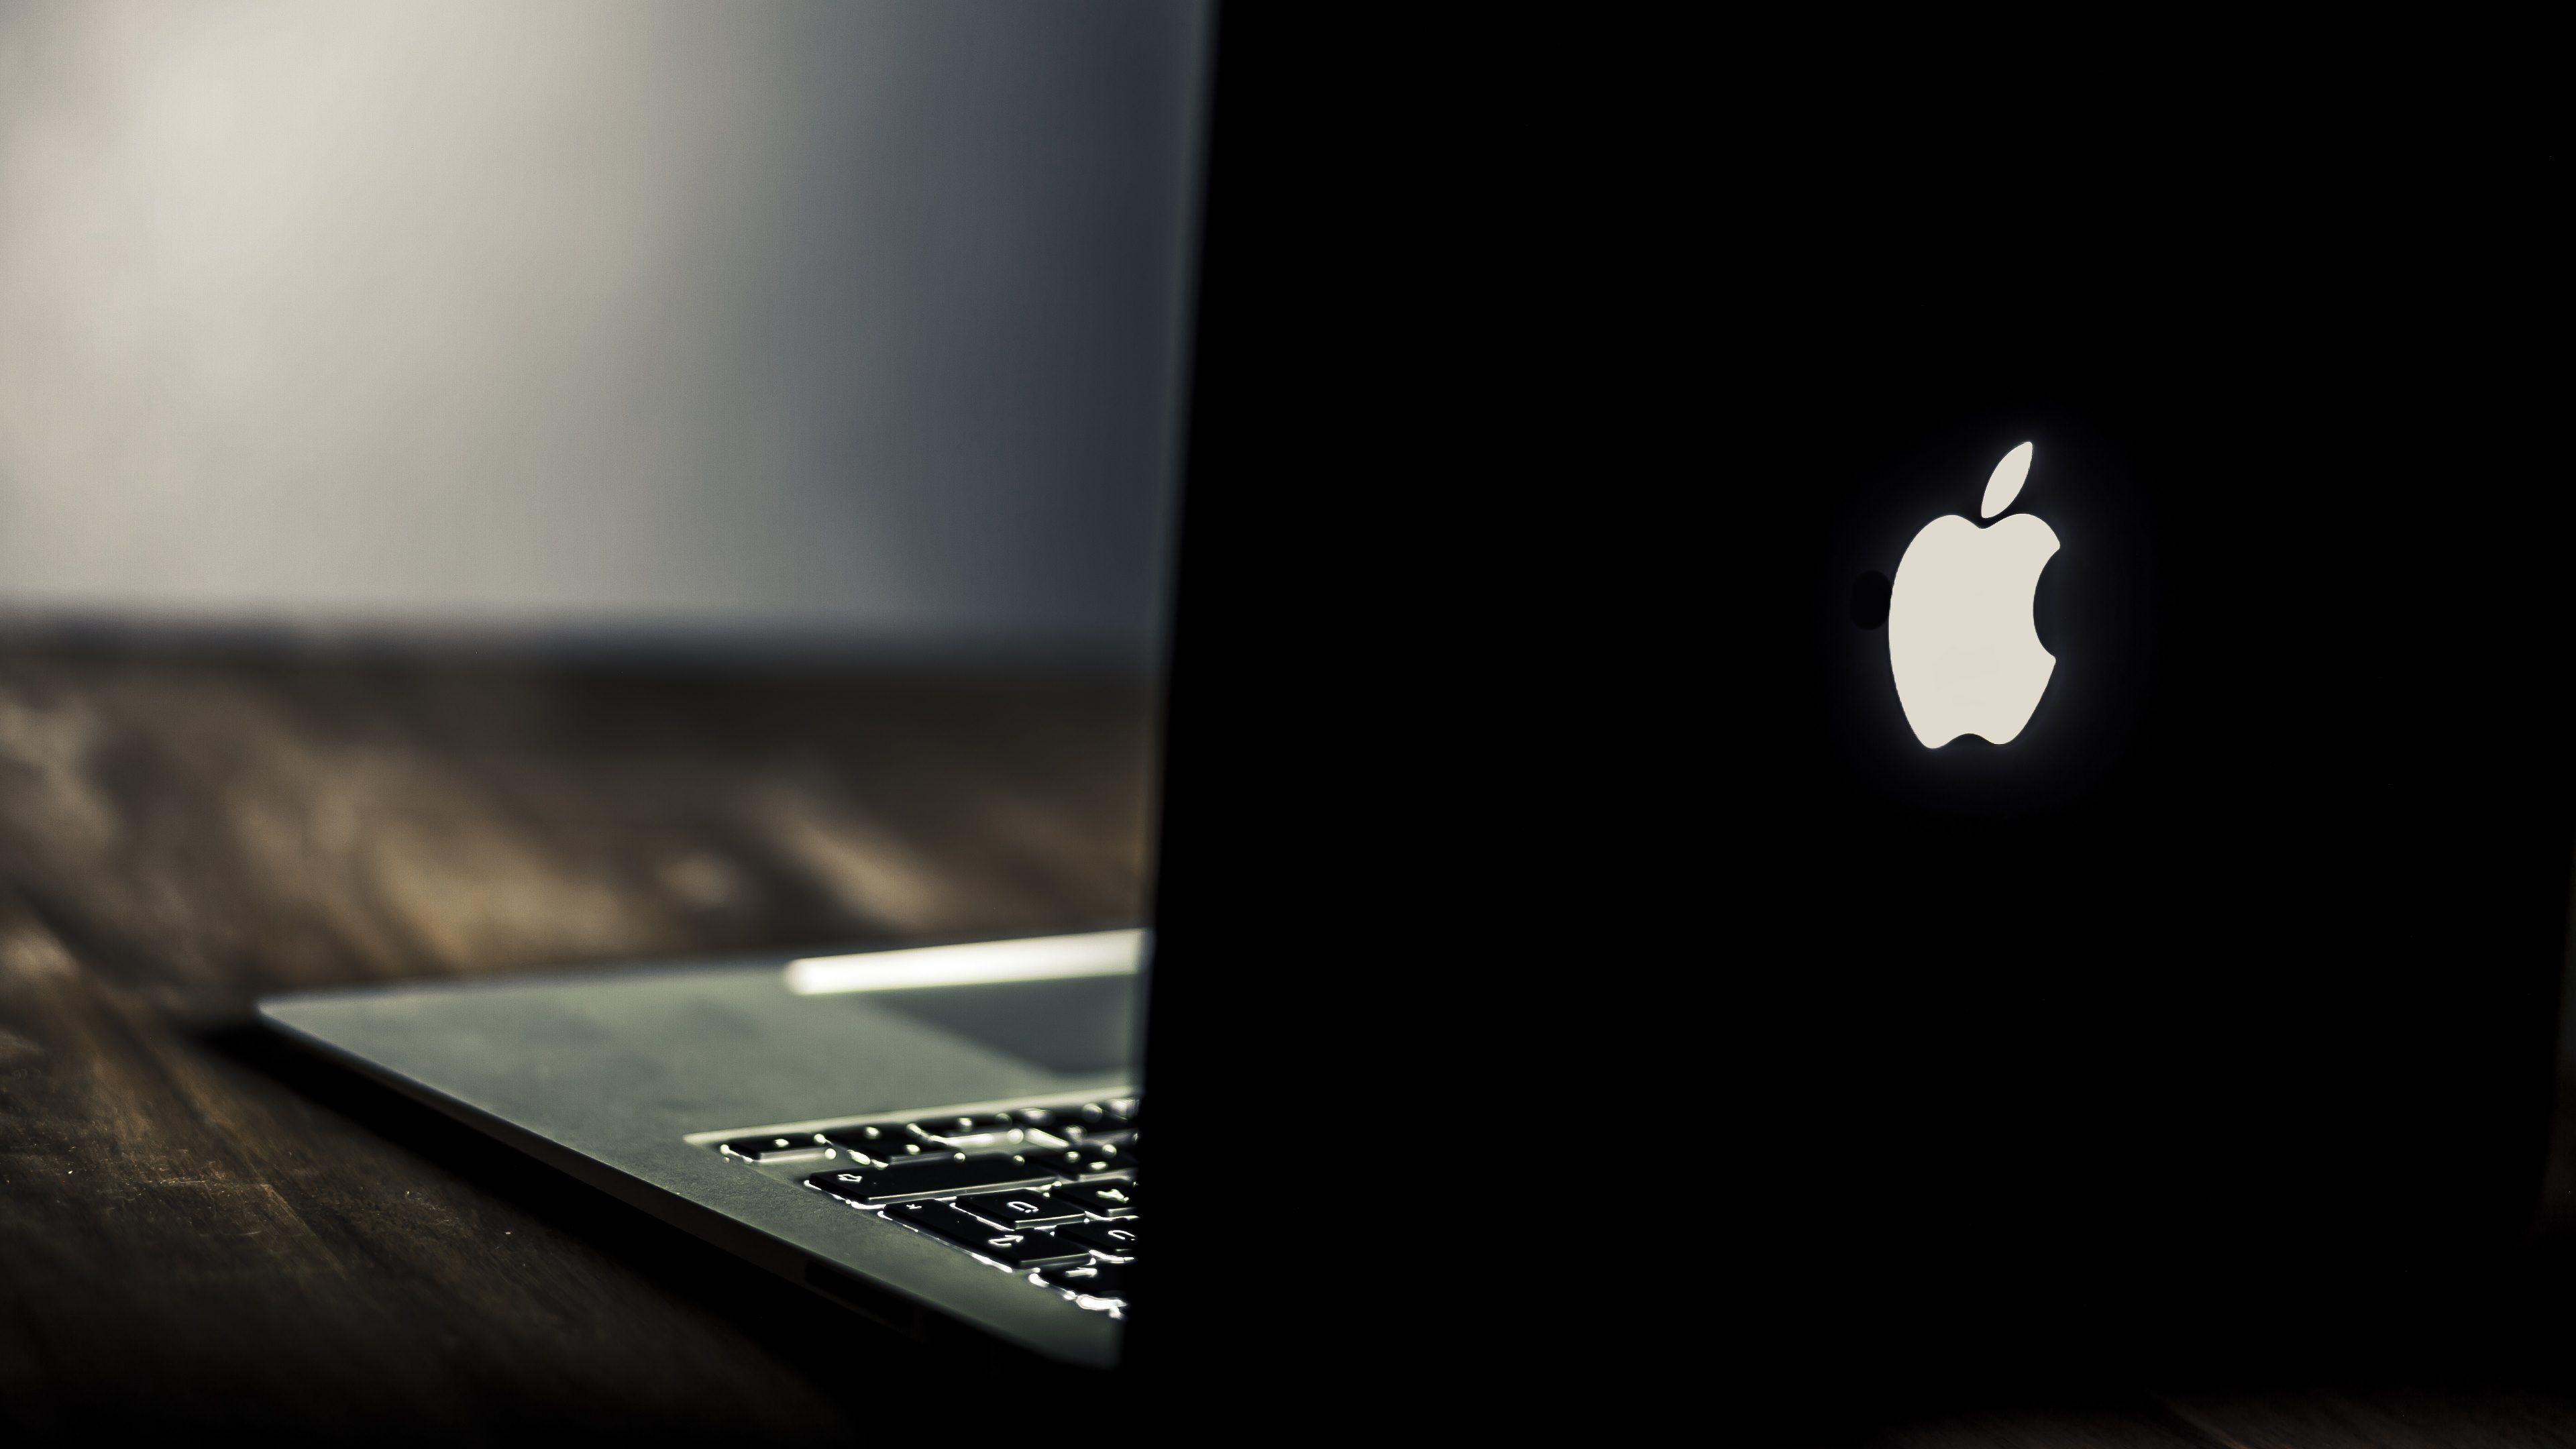 Resultado de imagen para Teclado de MacBook wallpaper